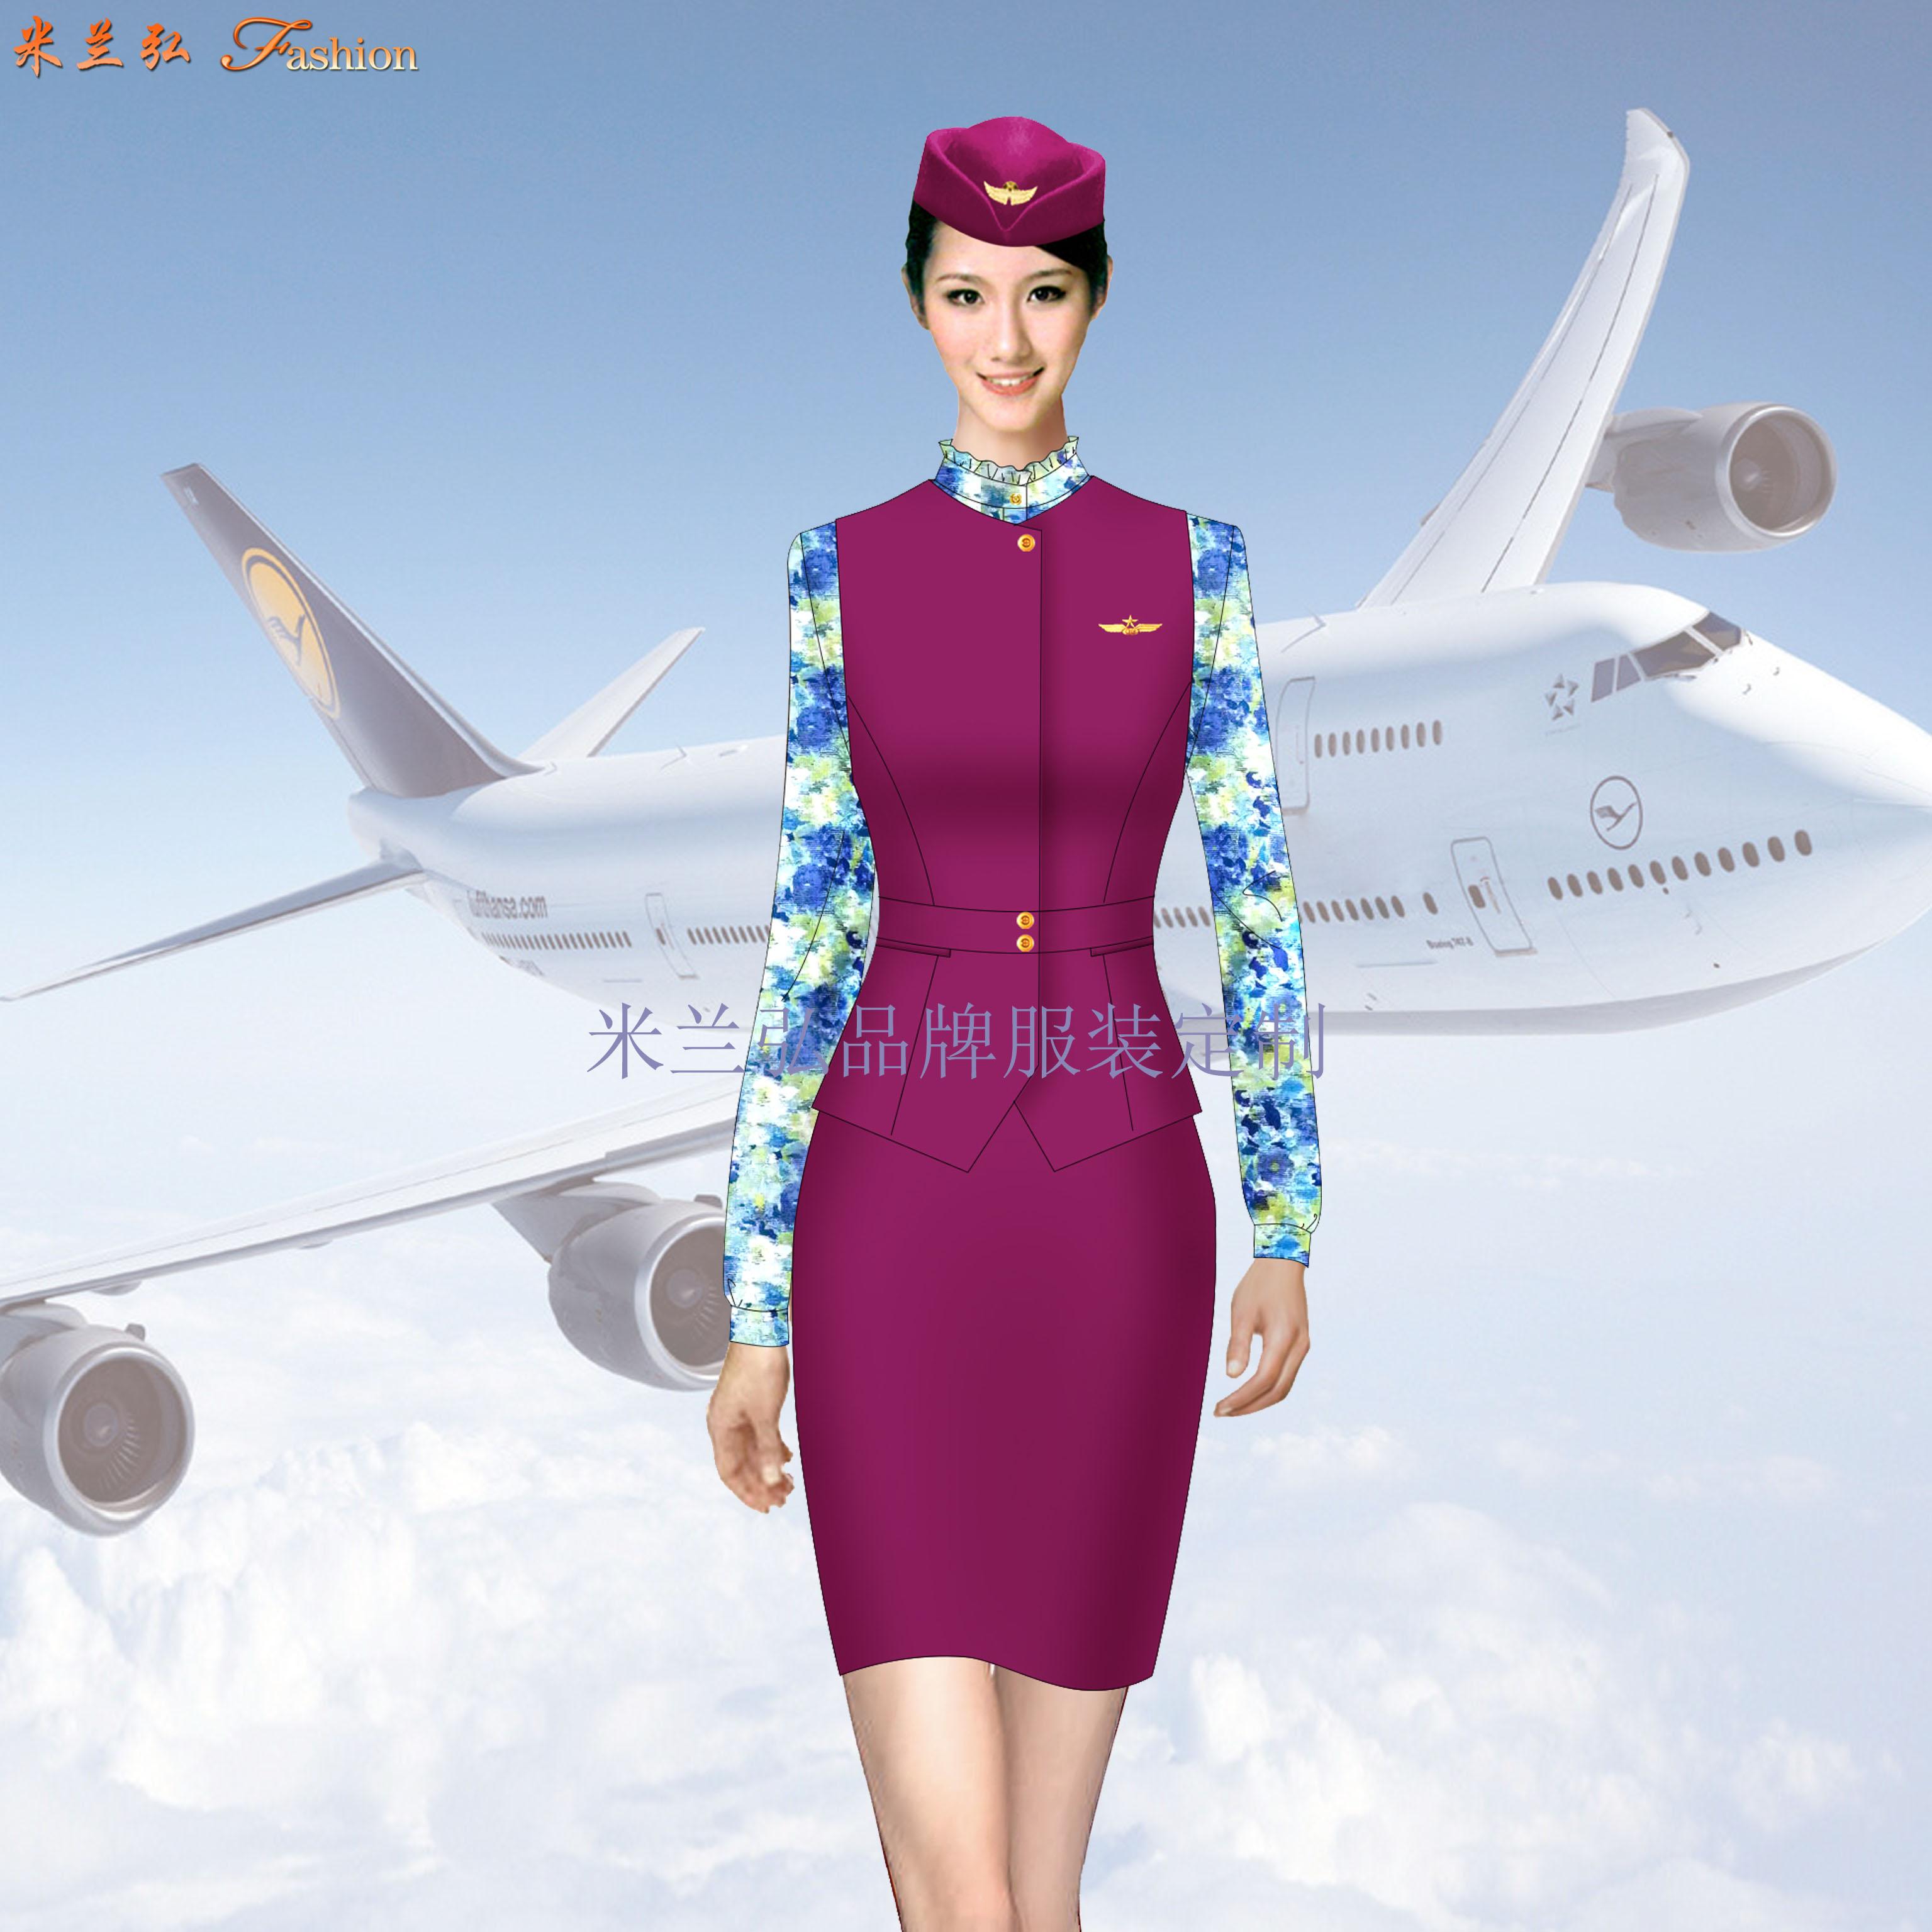 空姐職業裝定做圖片_空乘時裝套裝訂制-米蘭弘服裝廠家-1